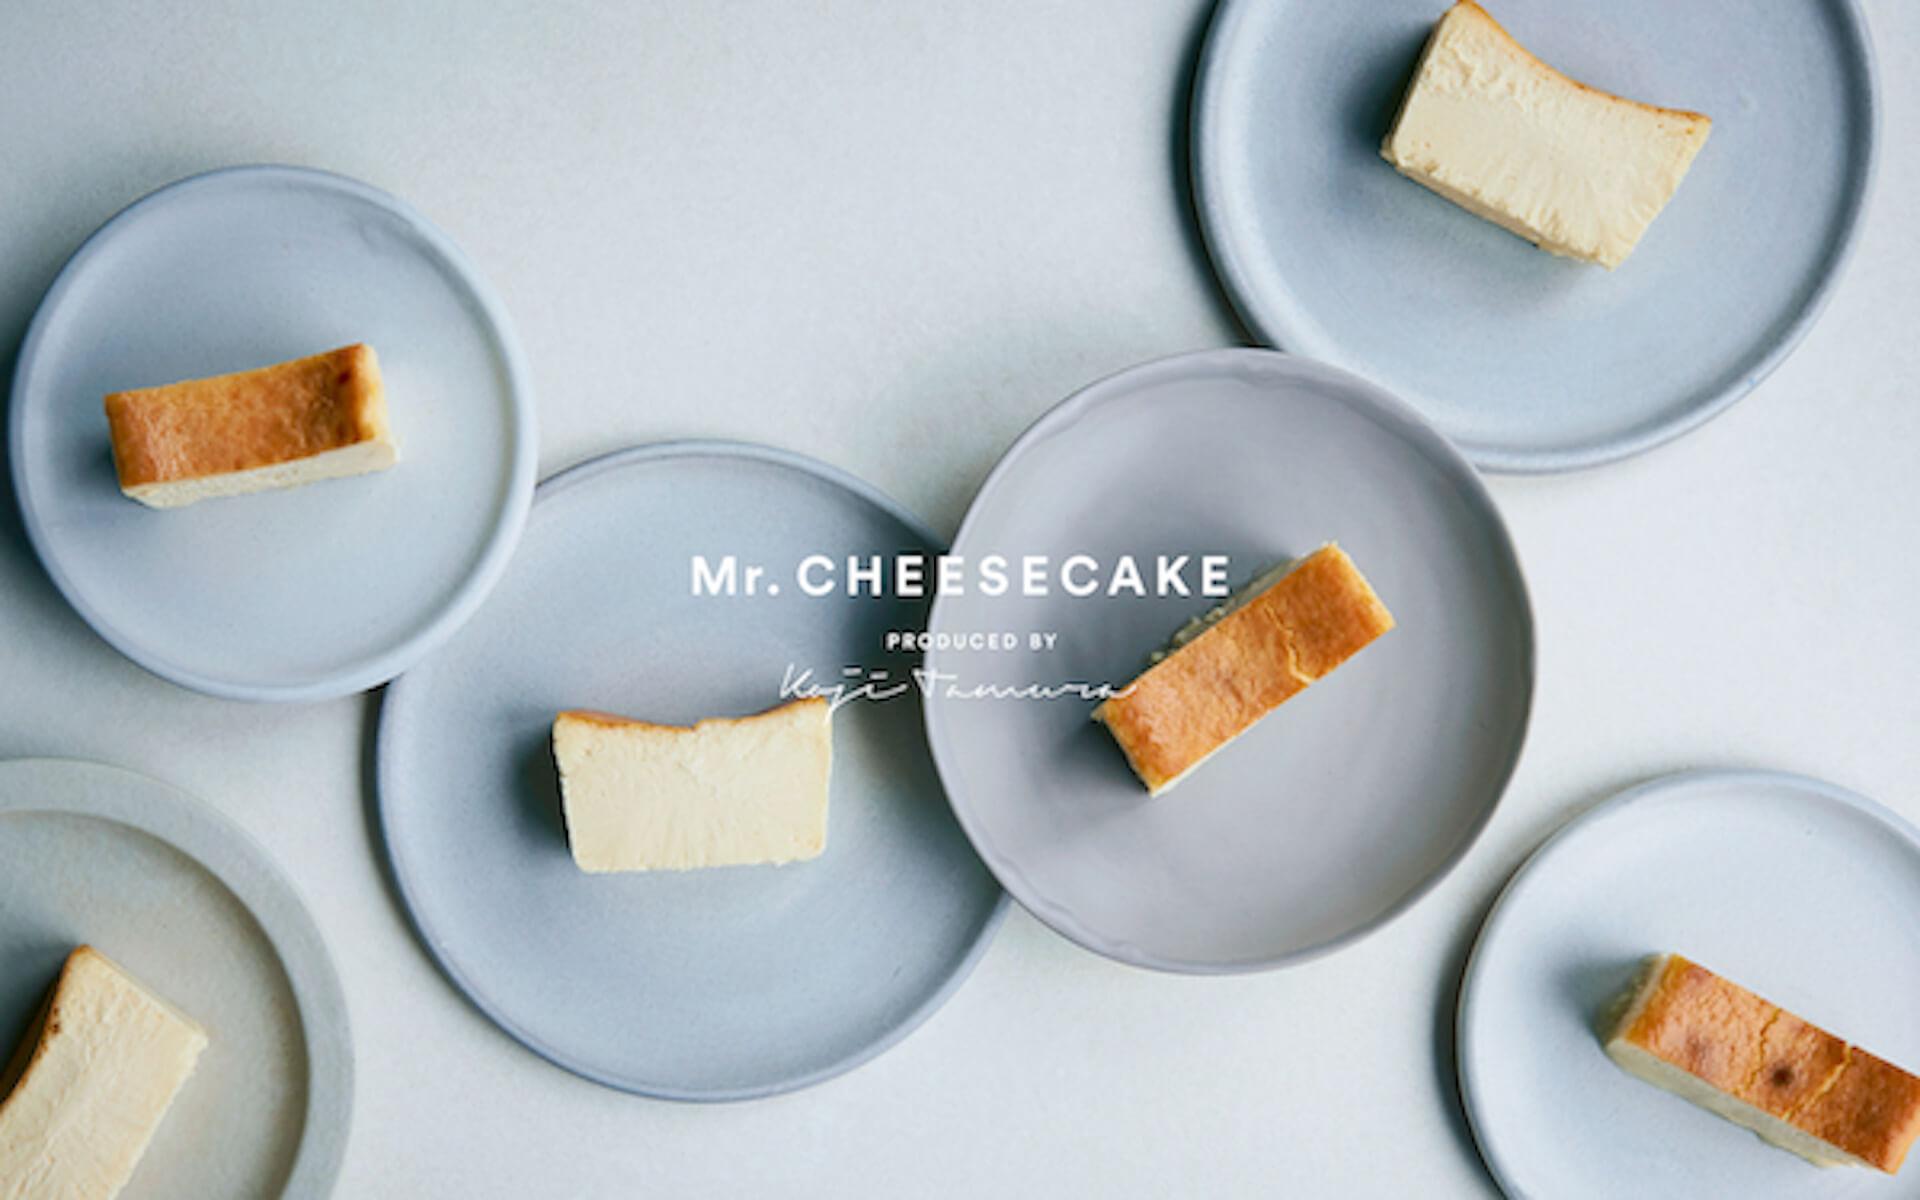 絶品チーズケーキで人気のMr. CHEESECAKEが加賀美健とのコラボショッパーを制作!チーズケーキとのセット商品が発売決定 gourmet201110_mrcheesecake_kagamiken_5